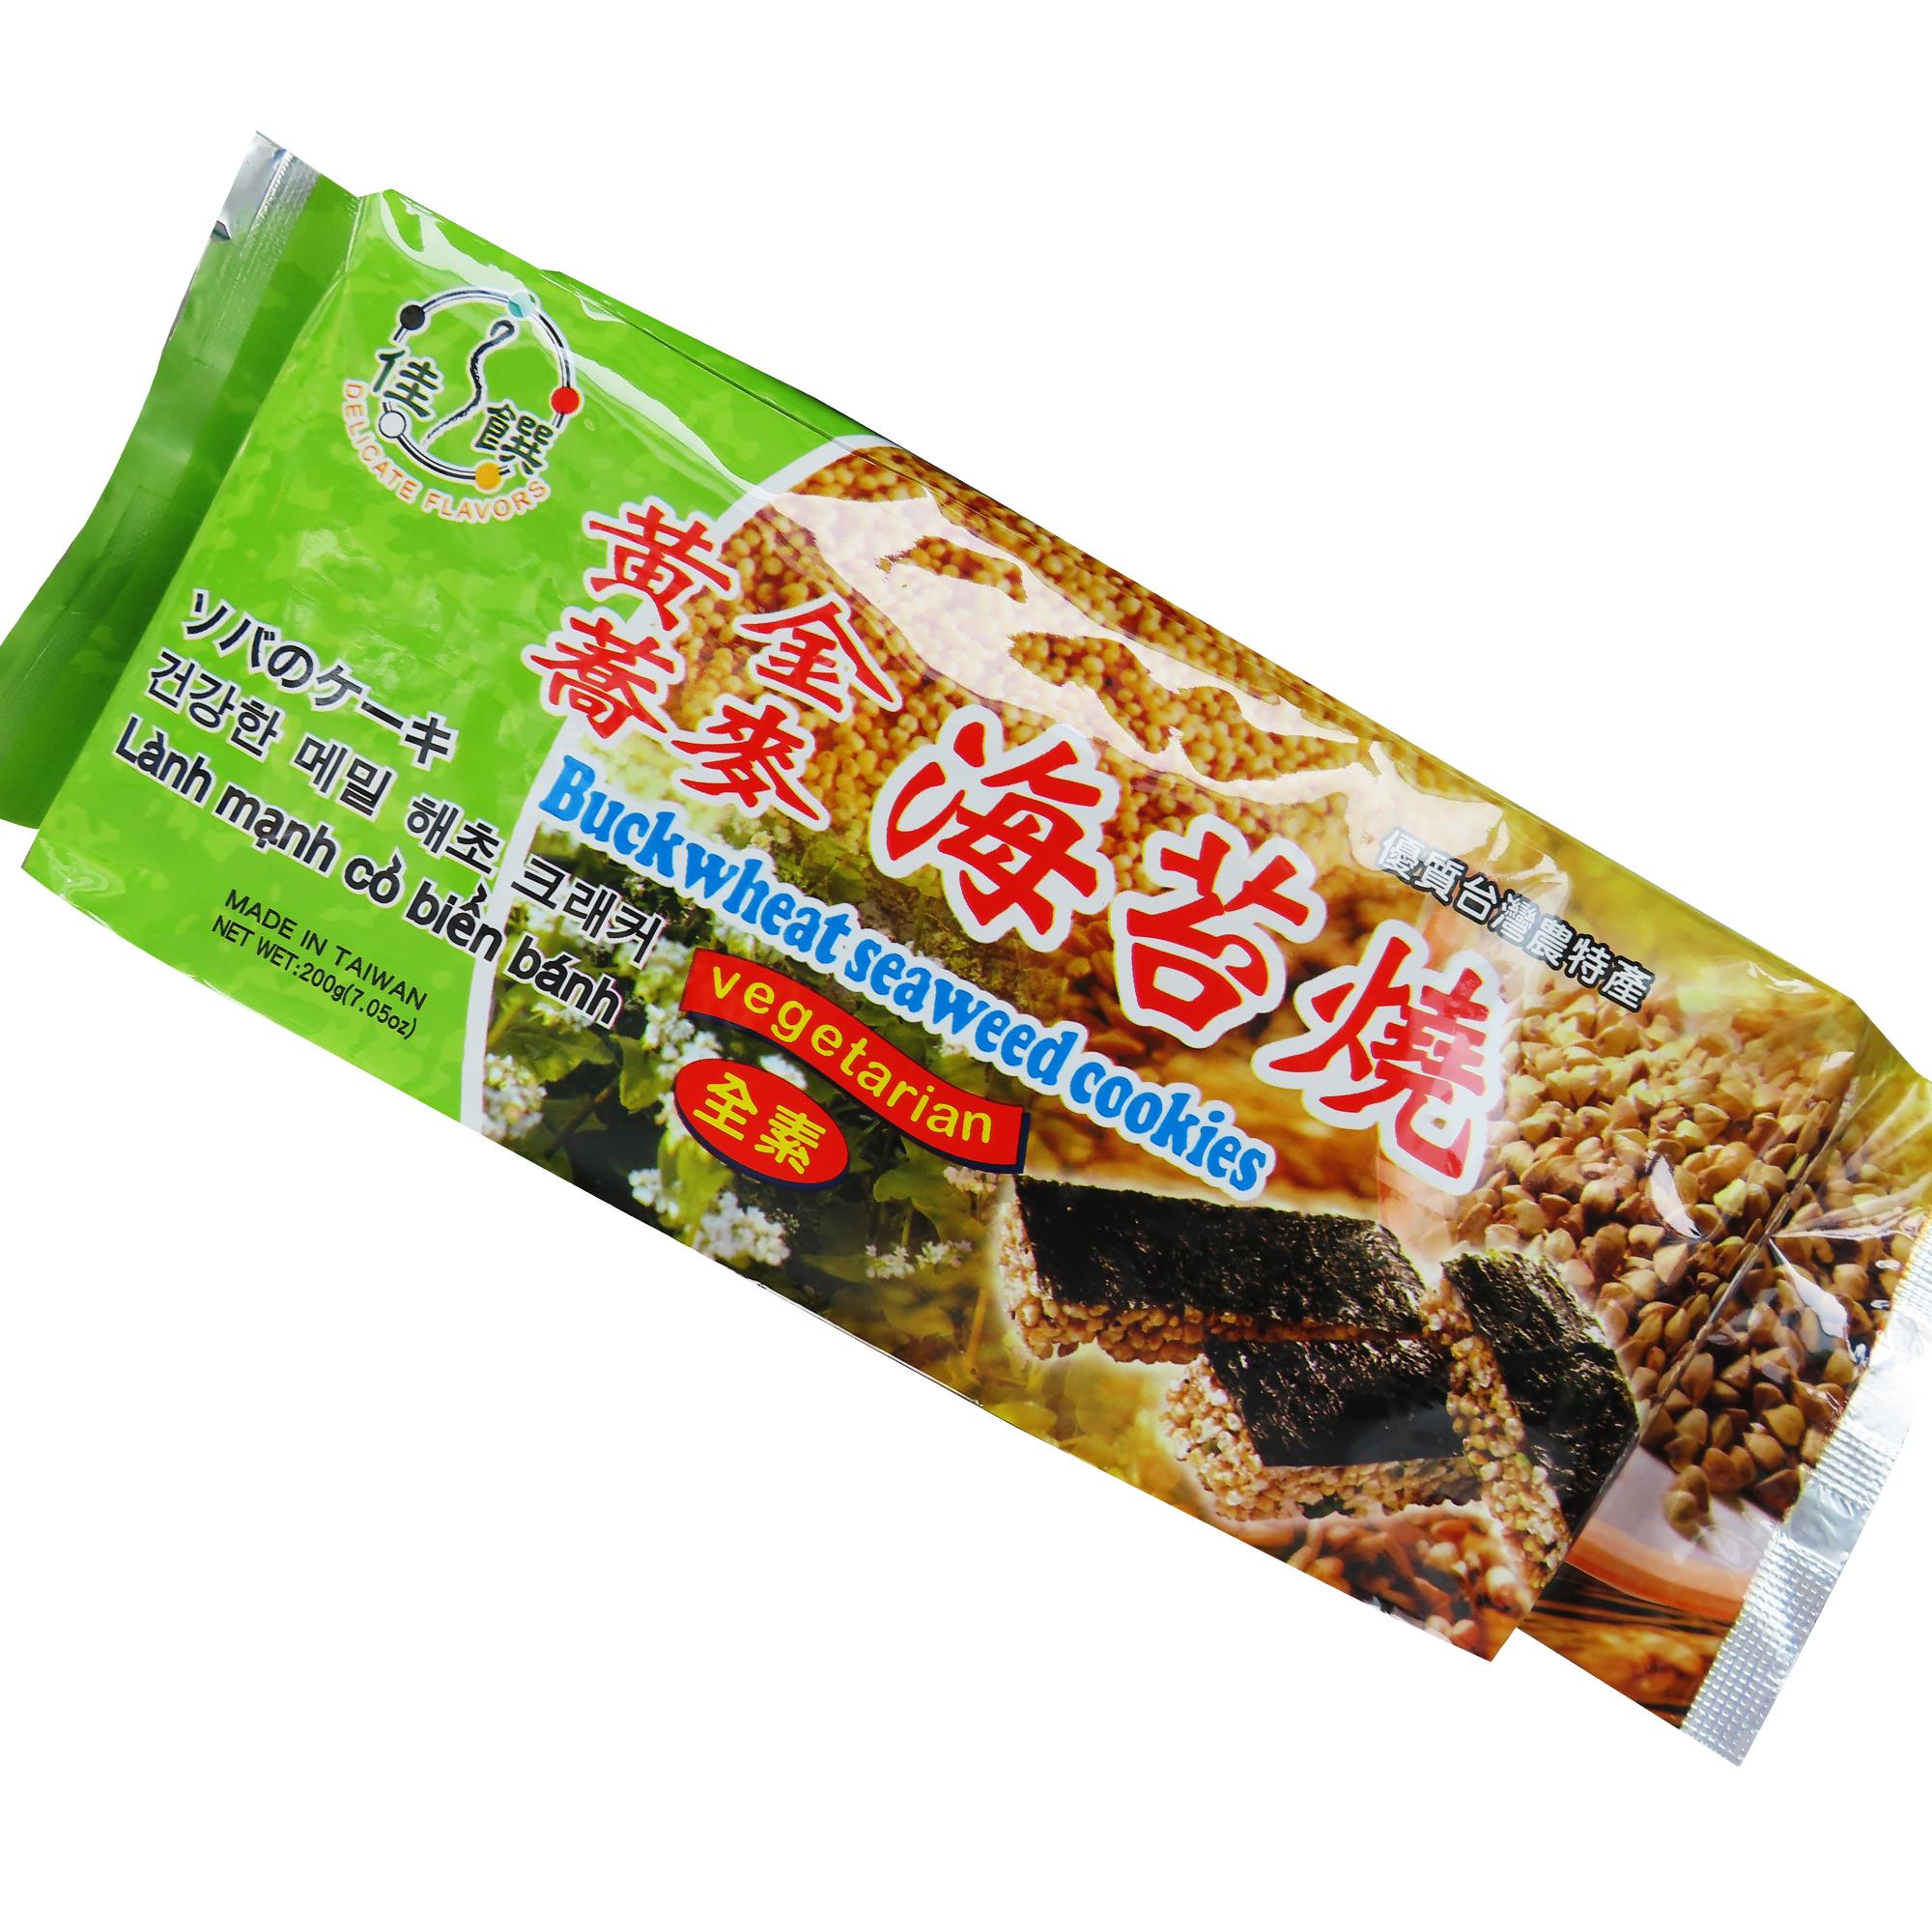 Image Buckwheat Seaweed Cookies 佳馔-黃金荞麦海苔烧 200 grams